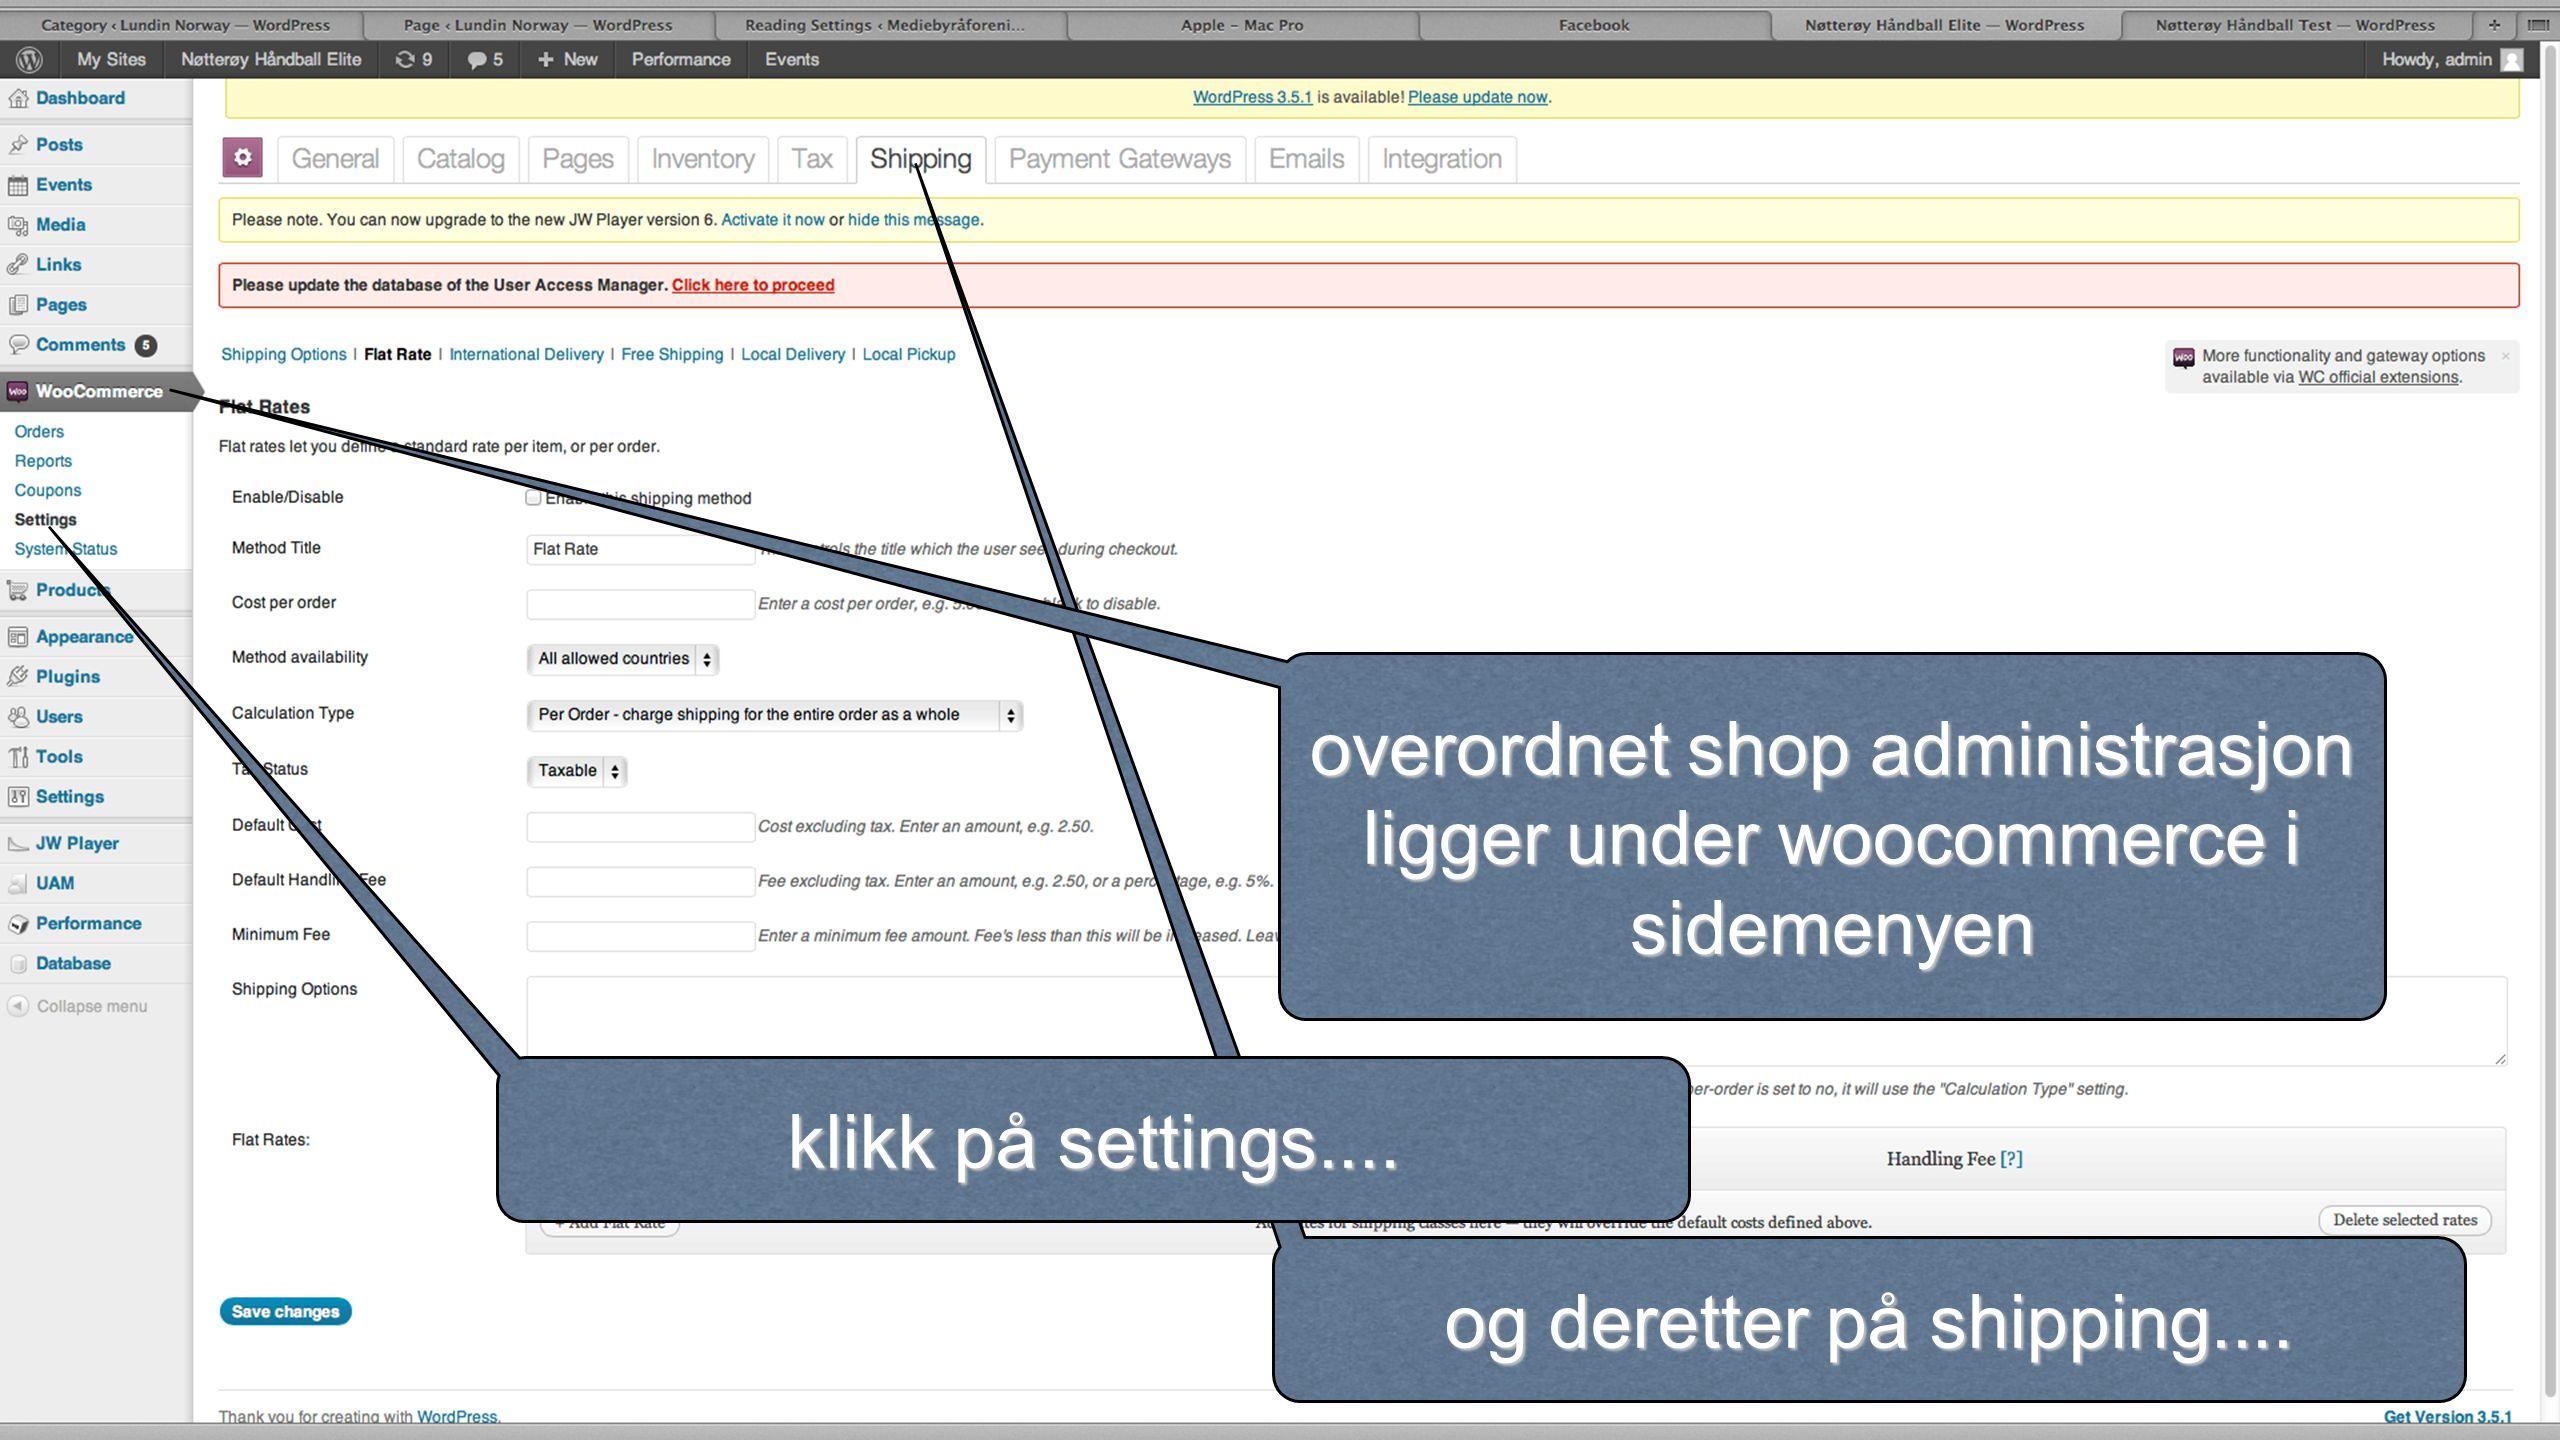 og deretter på shipping.... overordnet shop administrasjon ligger under woocommerce i sidemenyen klikk på settings....